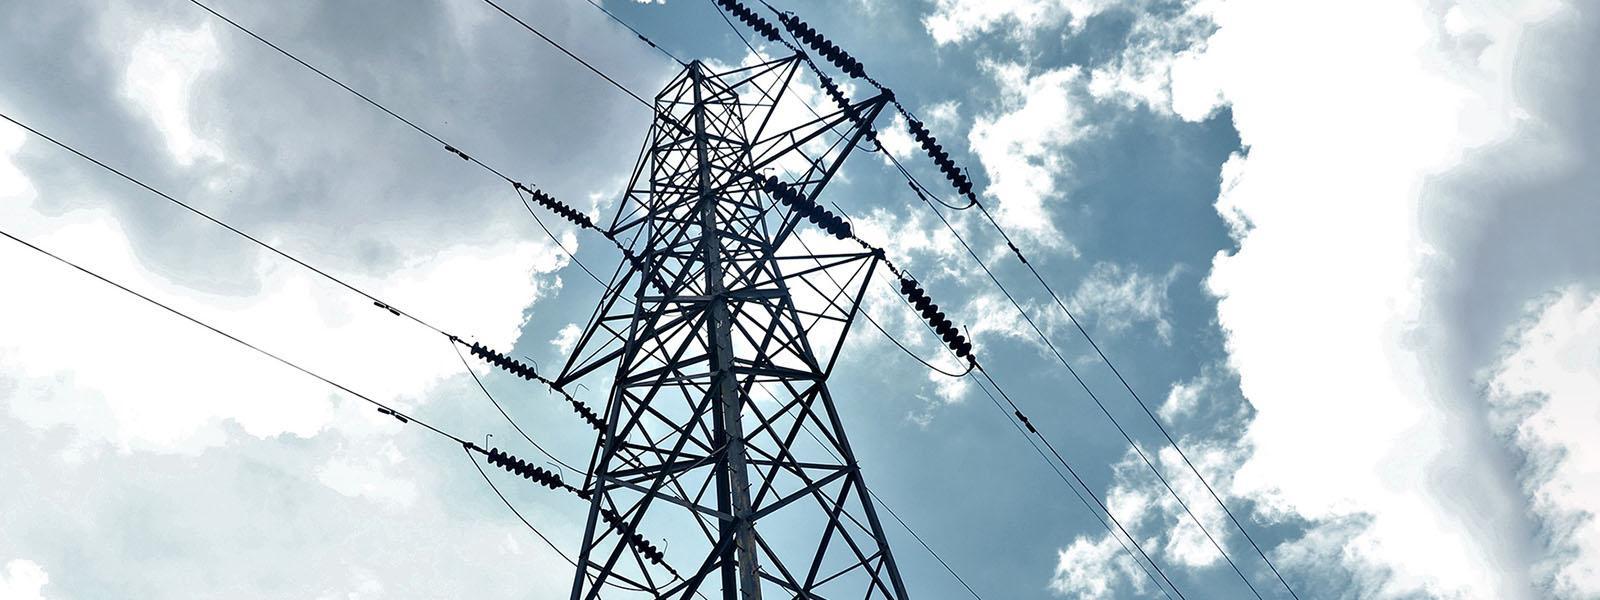 power tower providing utilities